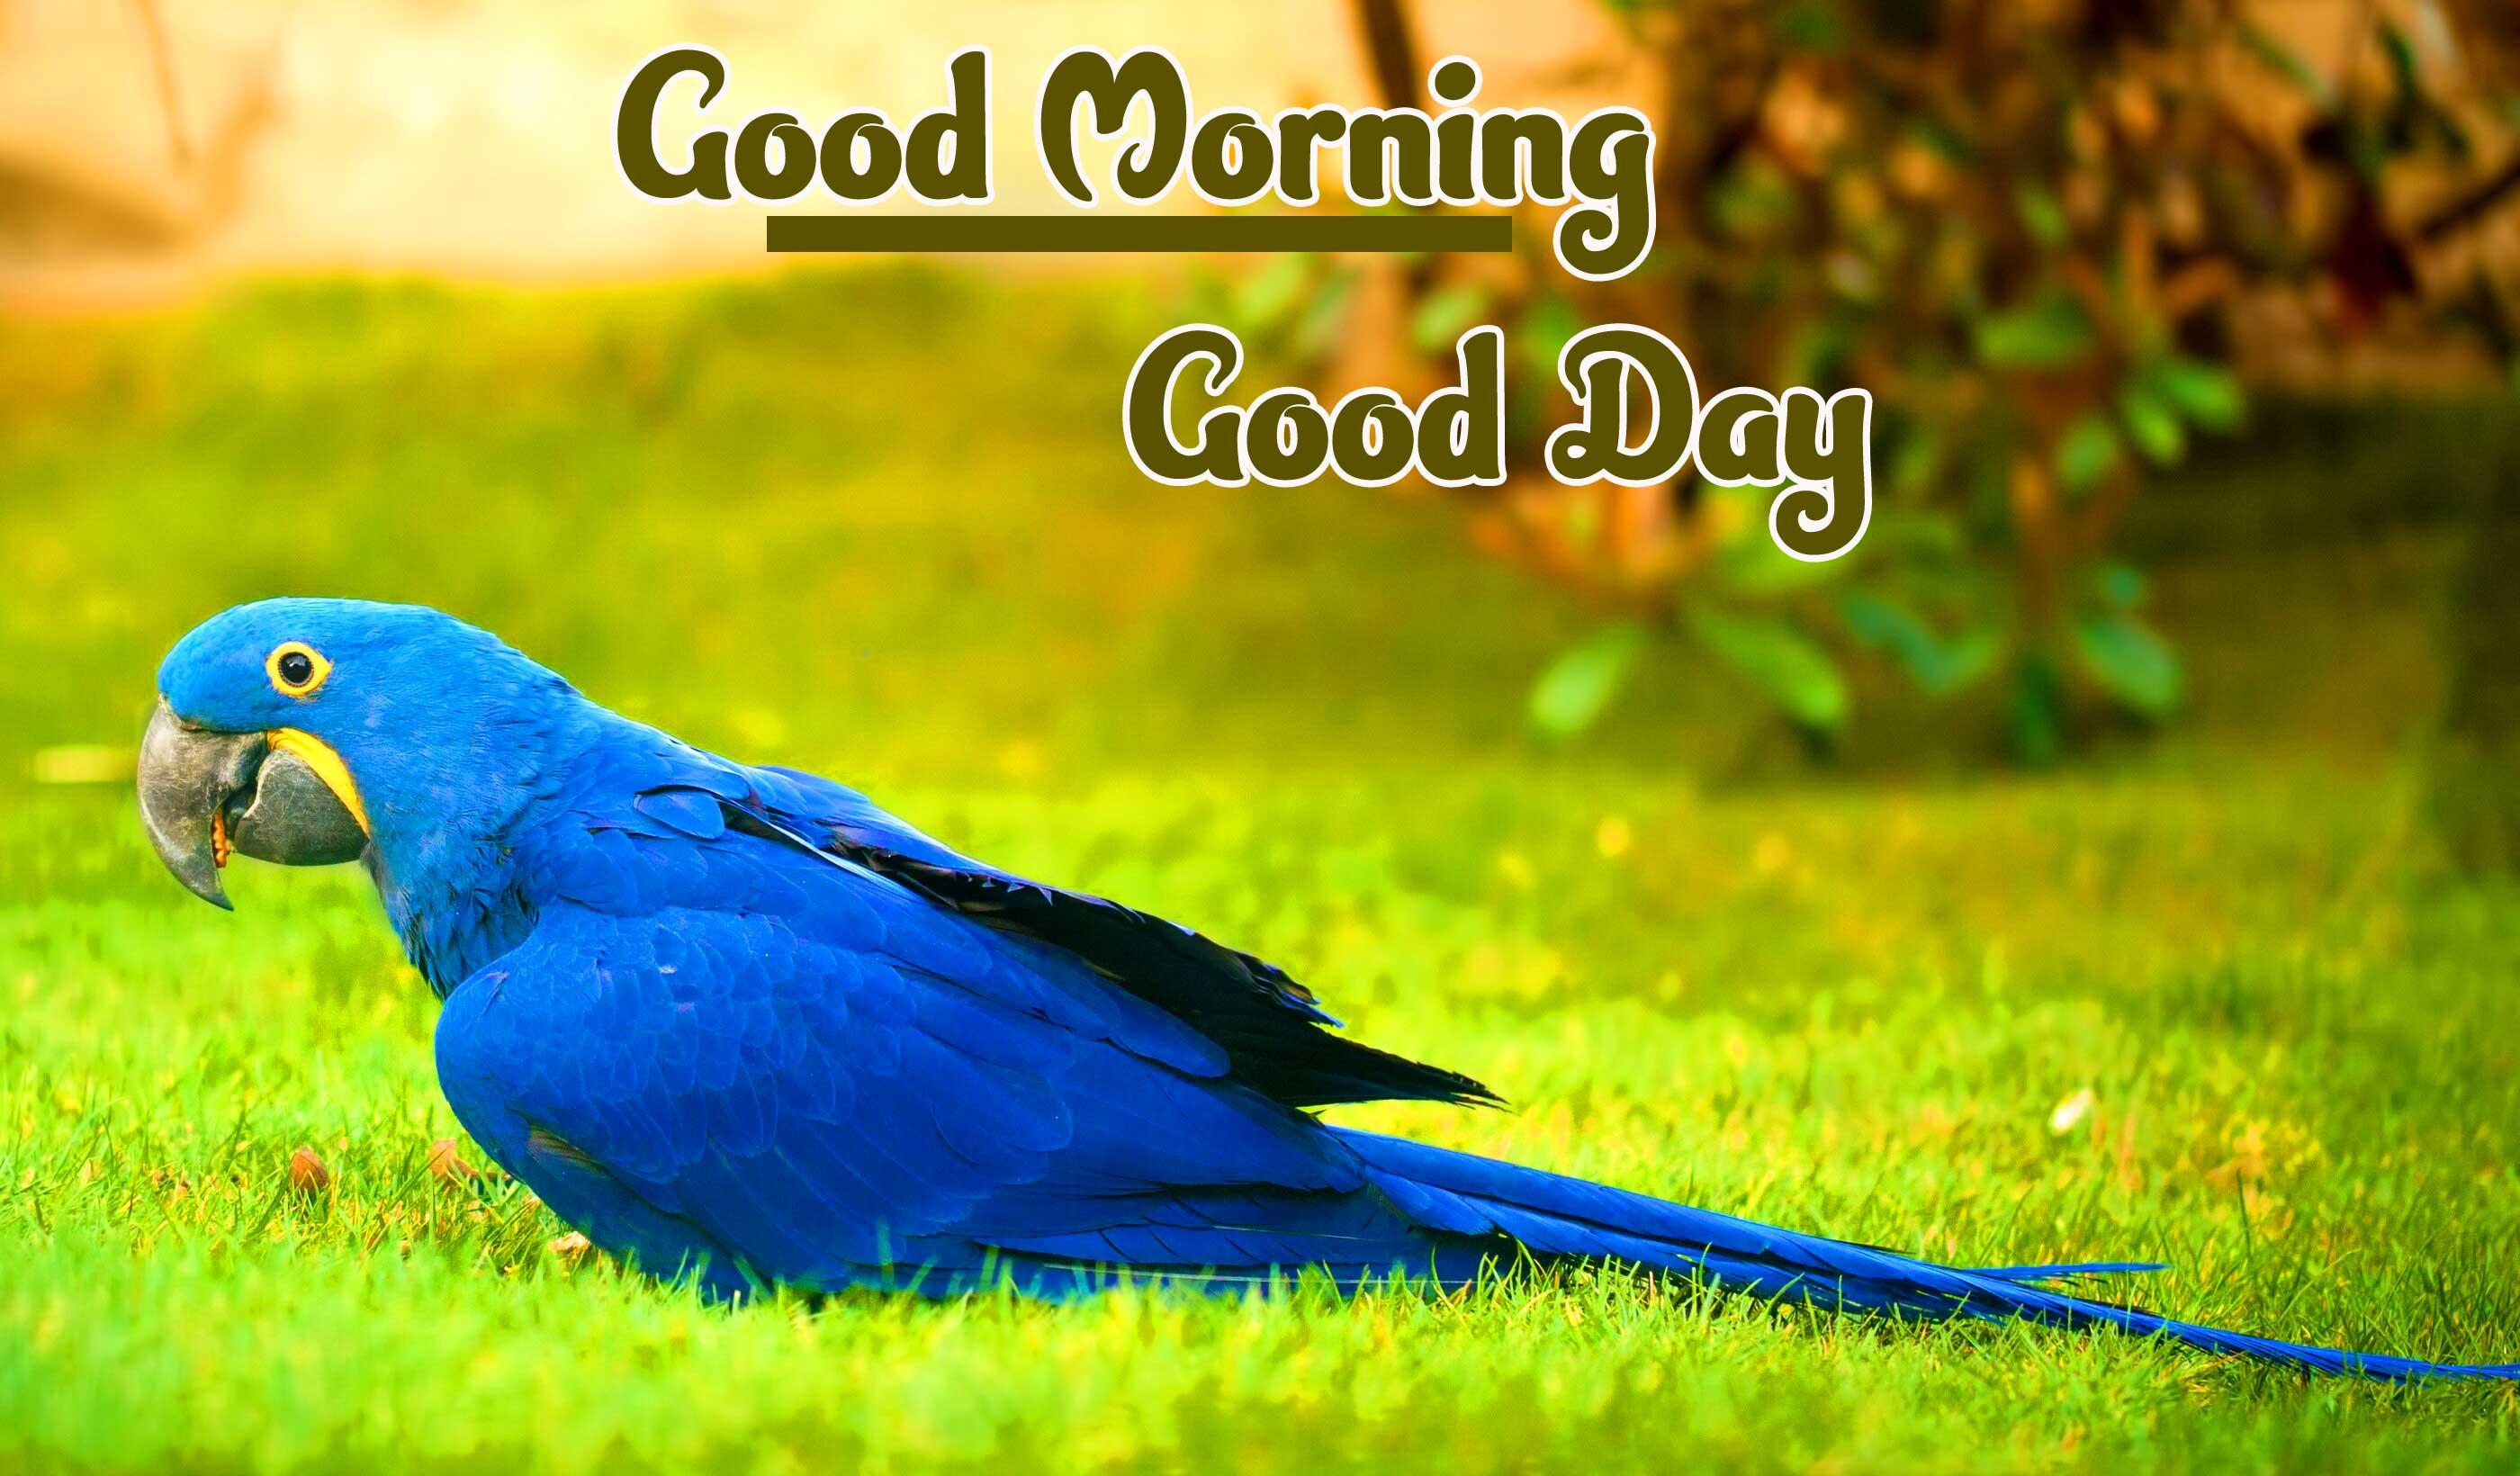 Good Morning Wallpaper Pics HD Full